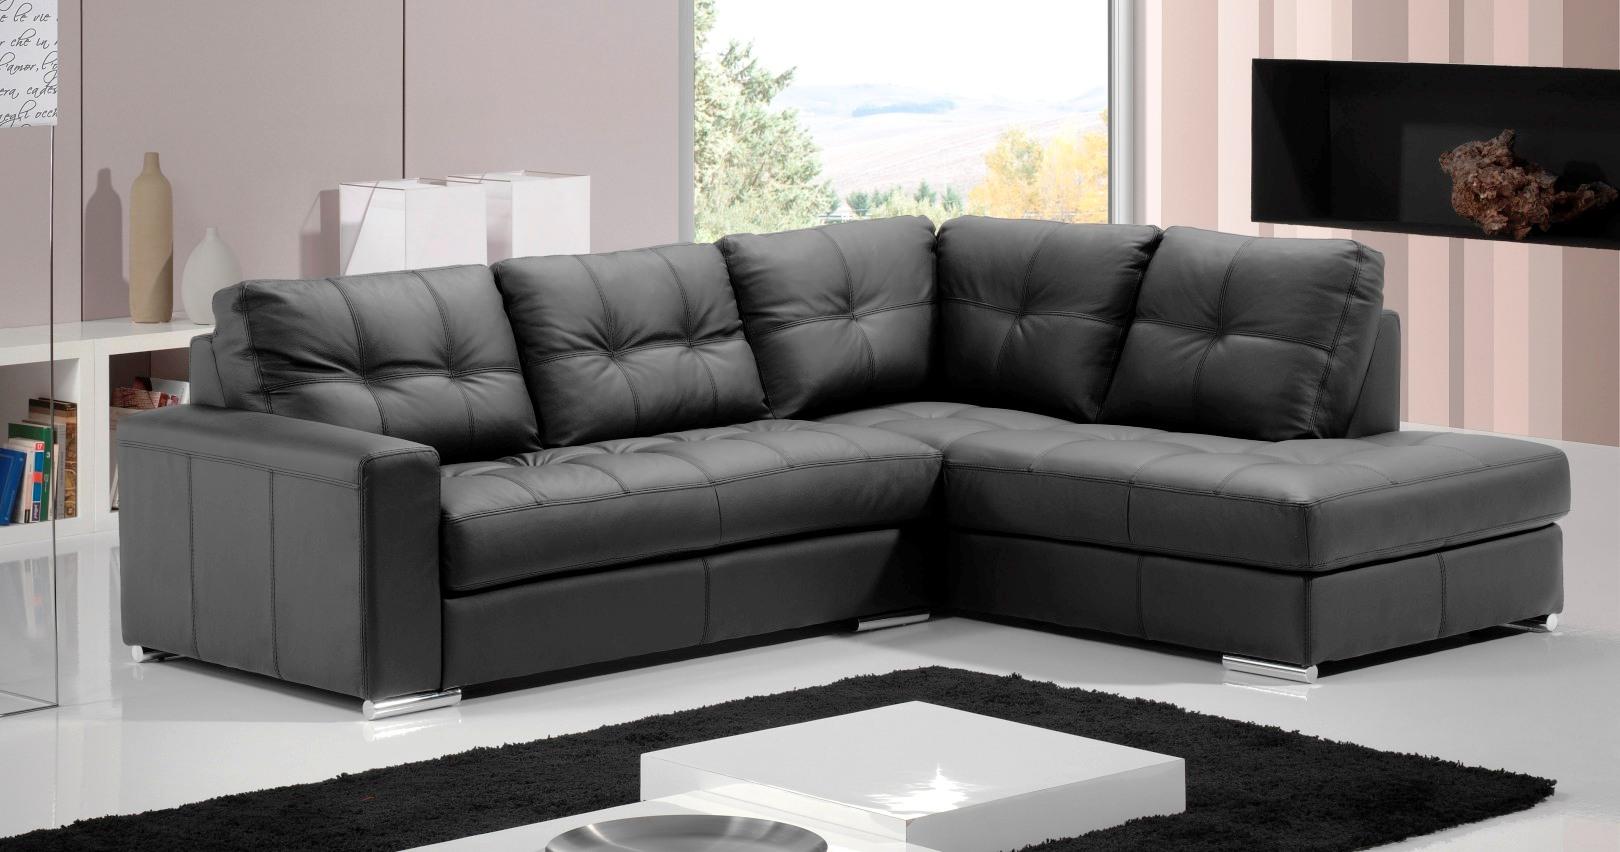 bandol cuir ou microfibre personnalisable sur univers du cuir. Black Bedroom Furniture Sets. Home Design Ideas